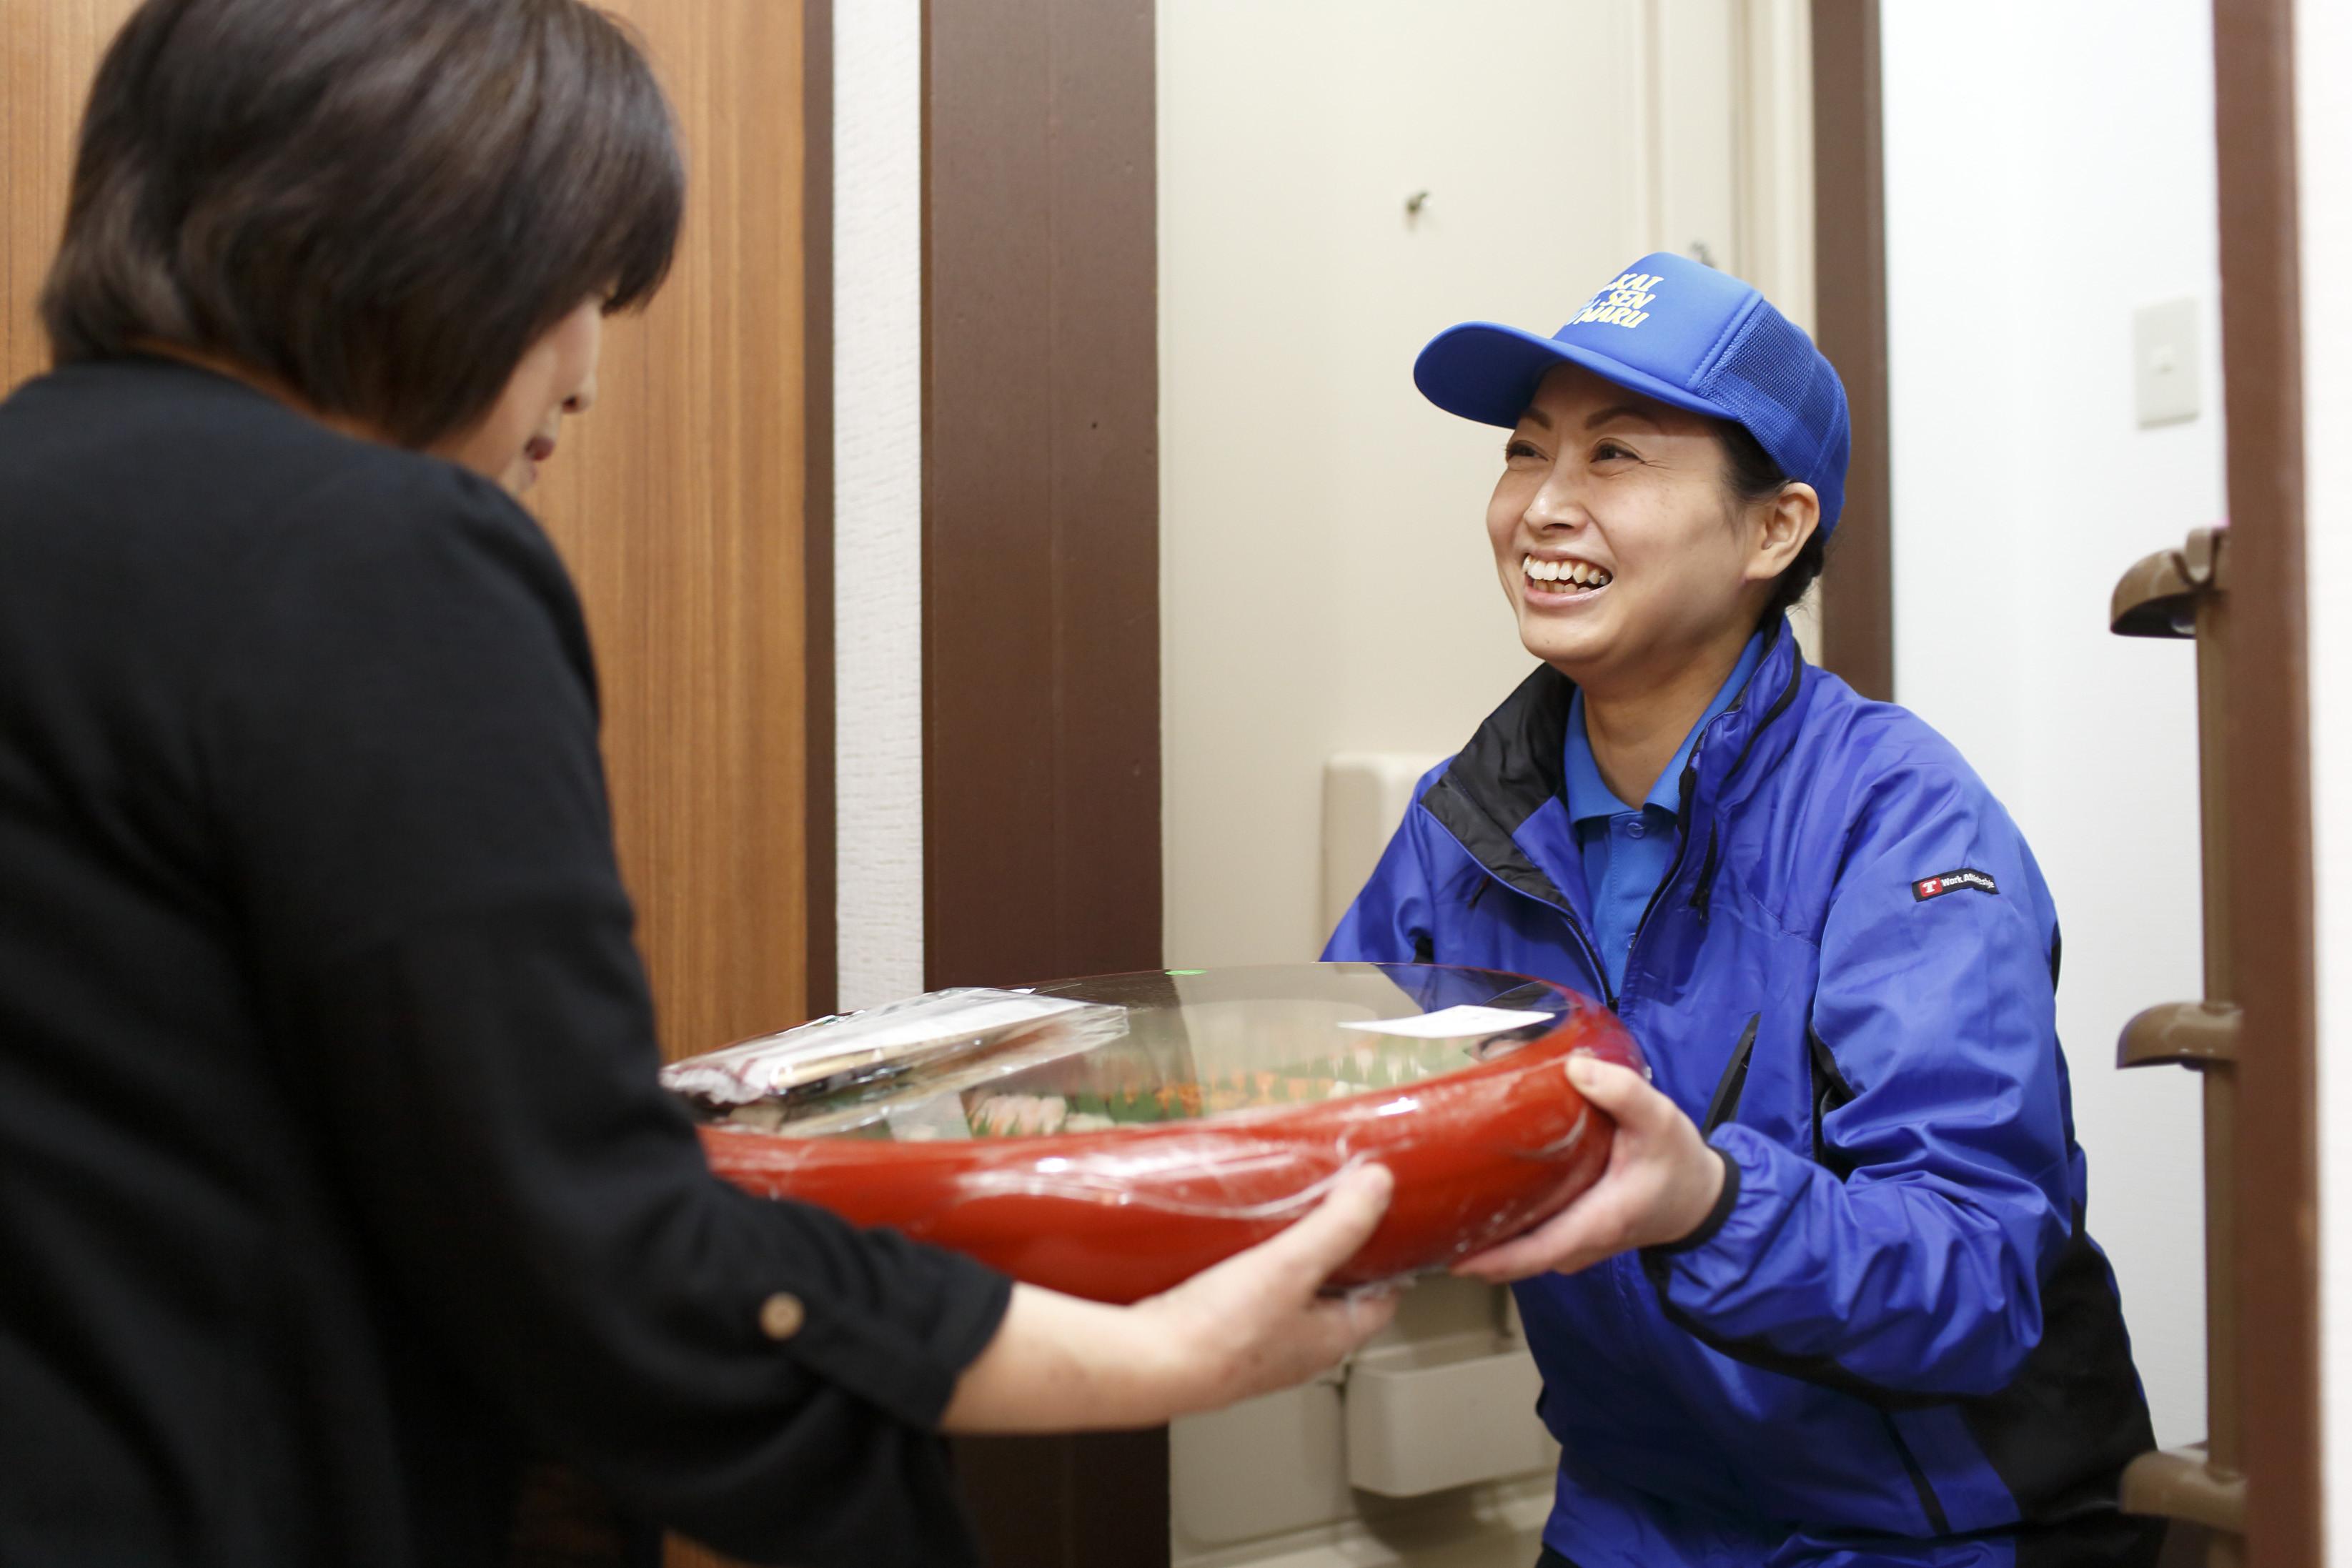 札幌海鮮丸 留萌店 デリバリー(配達)スタッフのアルバイト情報